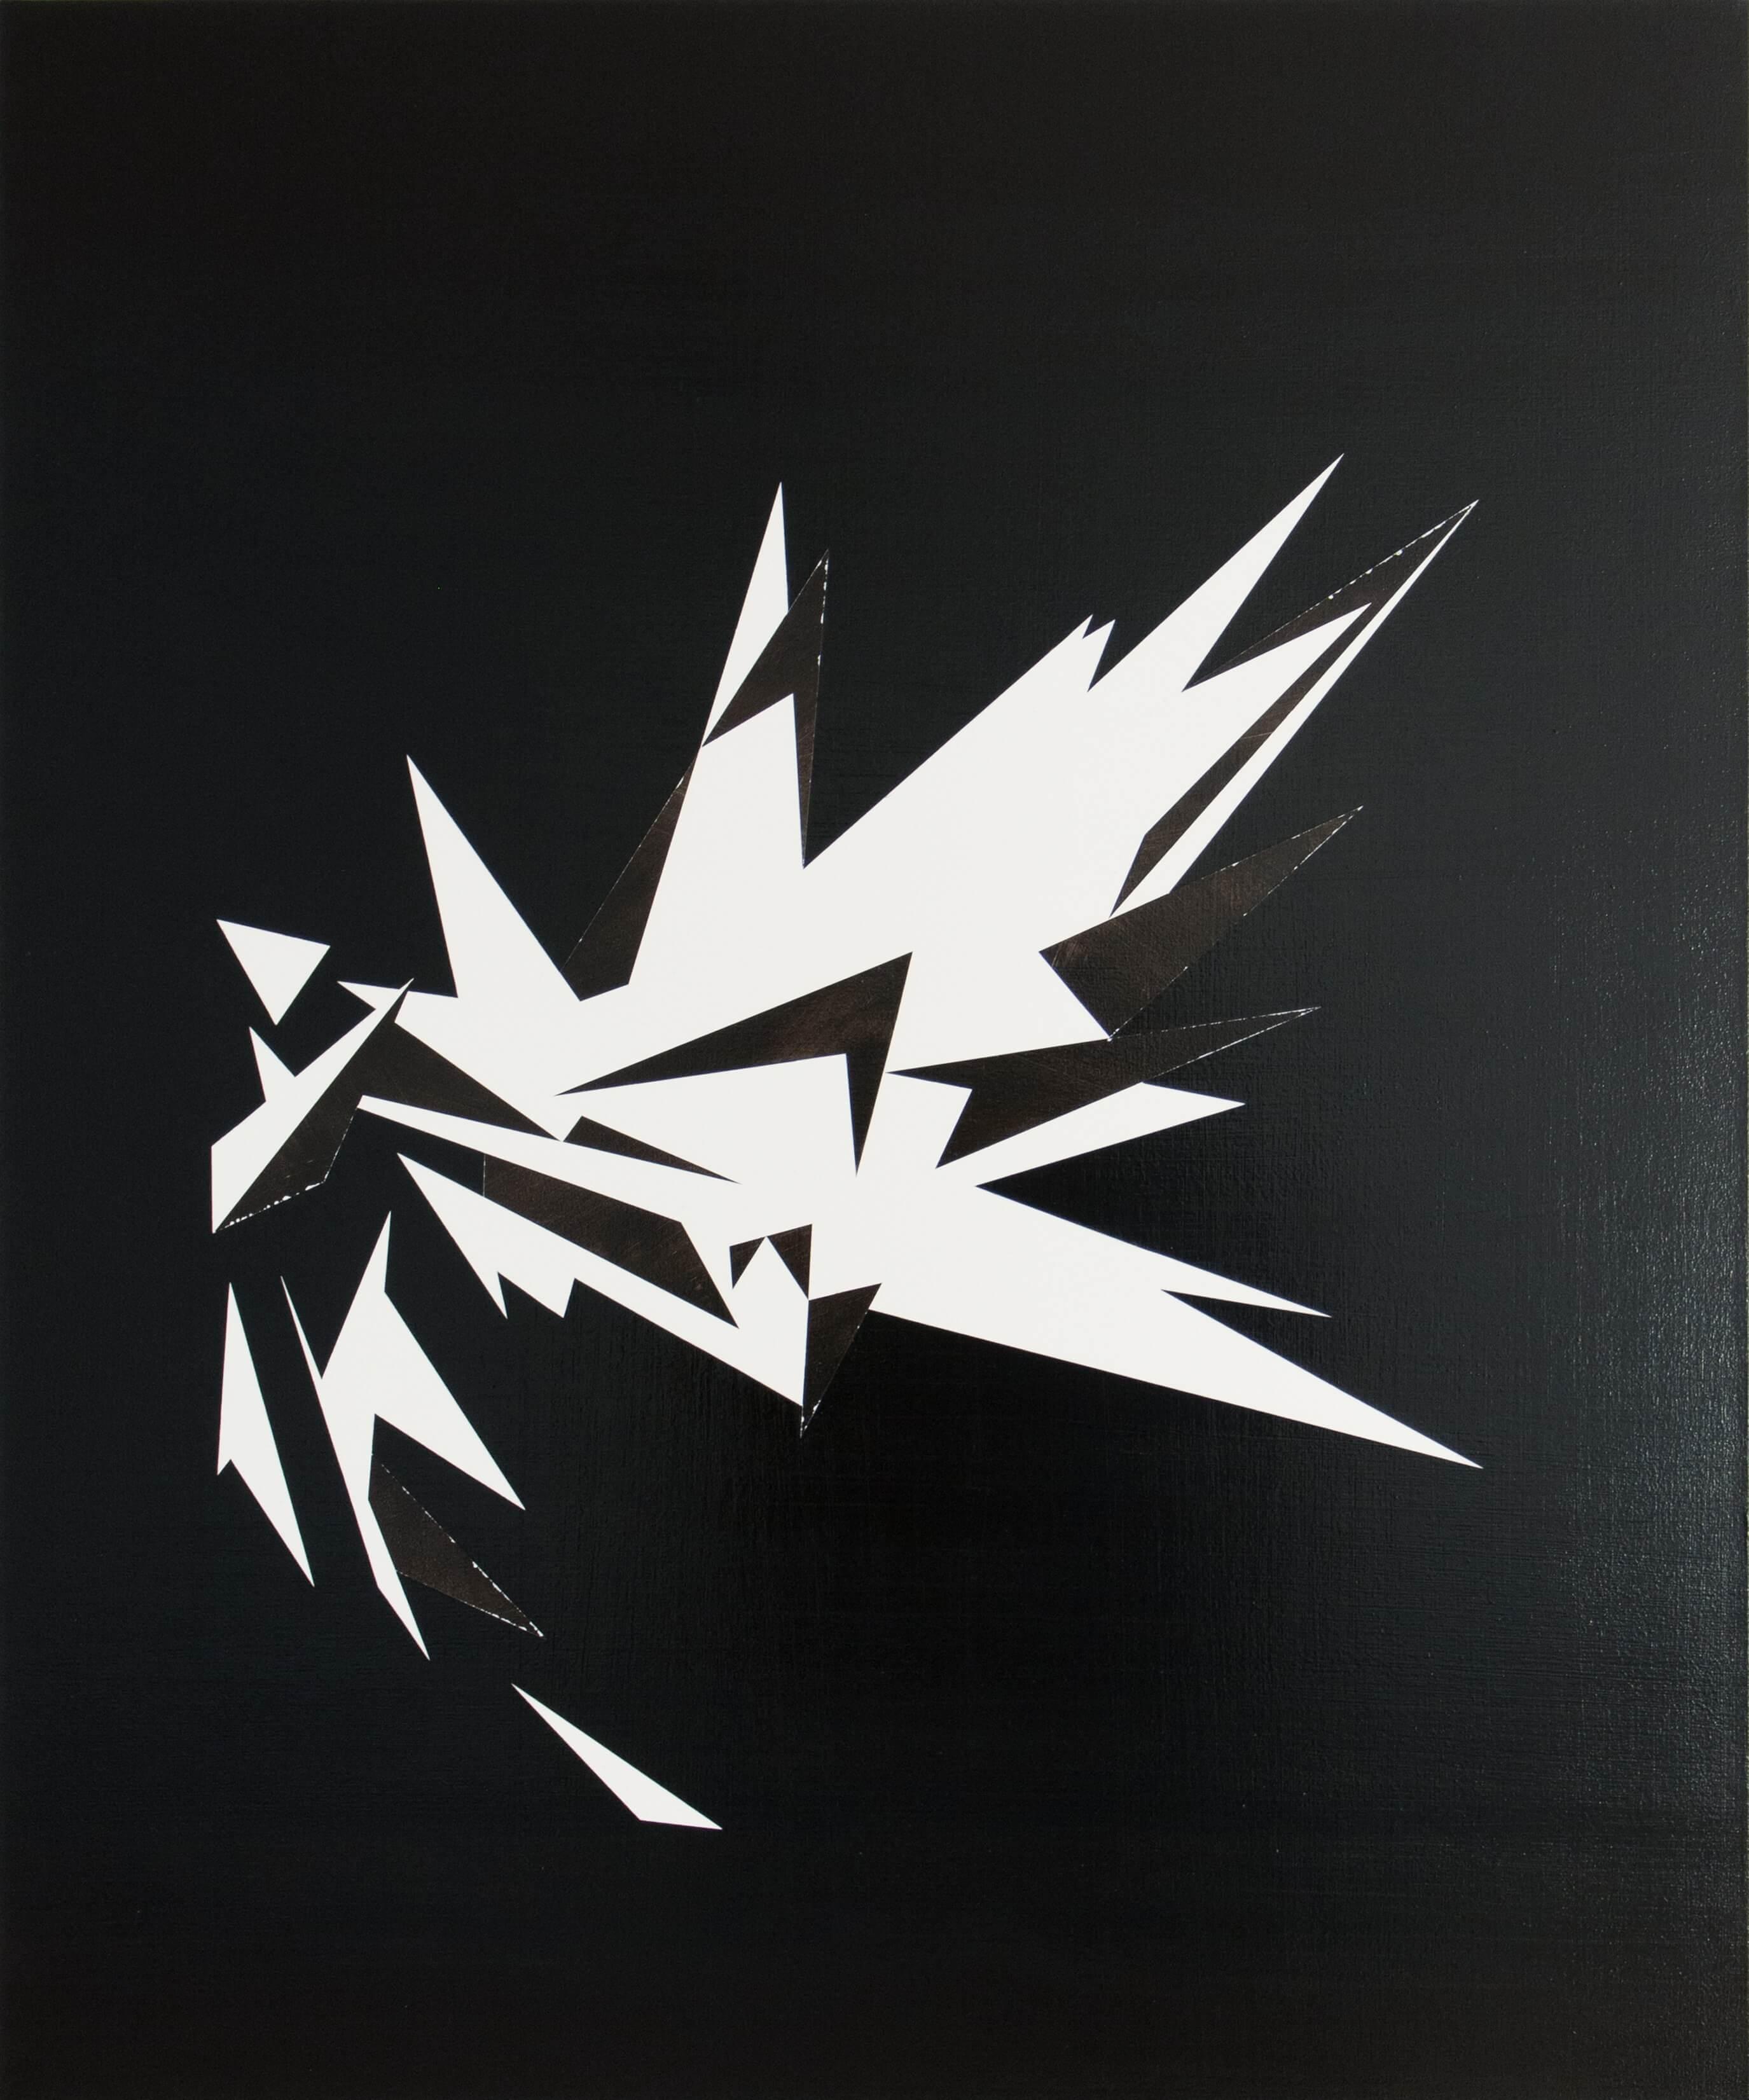 Lars Breuer Esplosione Leinwand 2014 Addaux Artist Bielefeld Berlin Düsseldorf Grafik Schrift Galerie